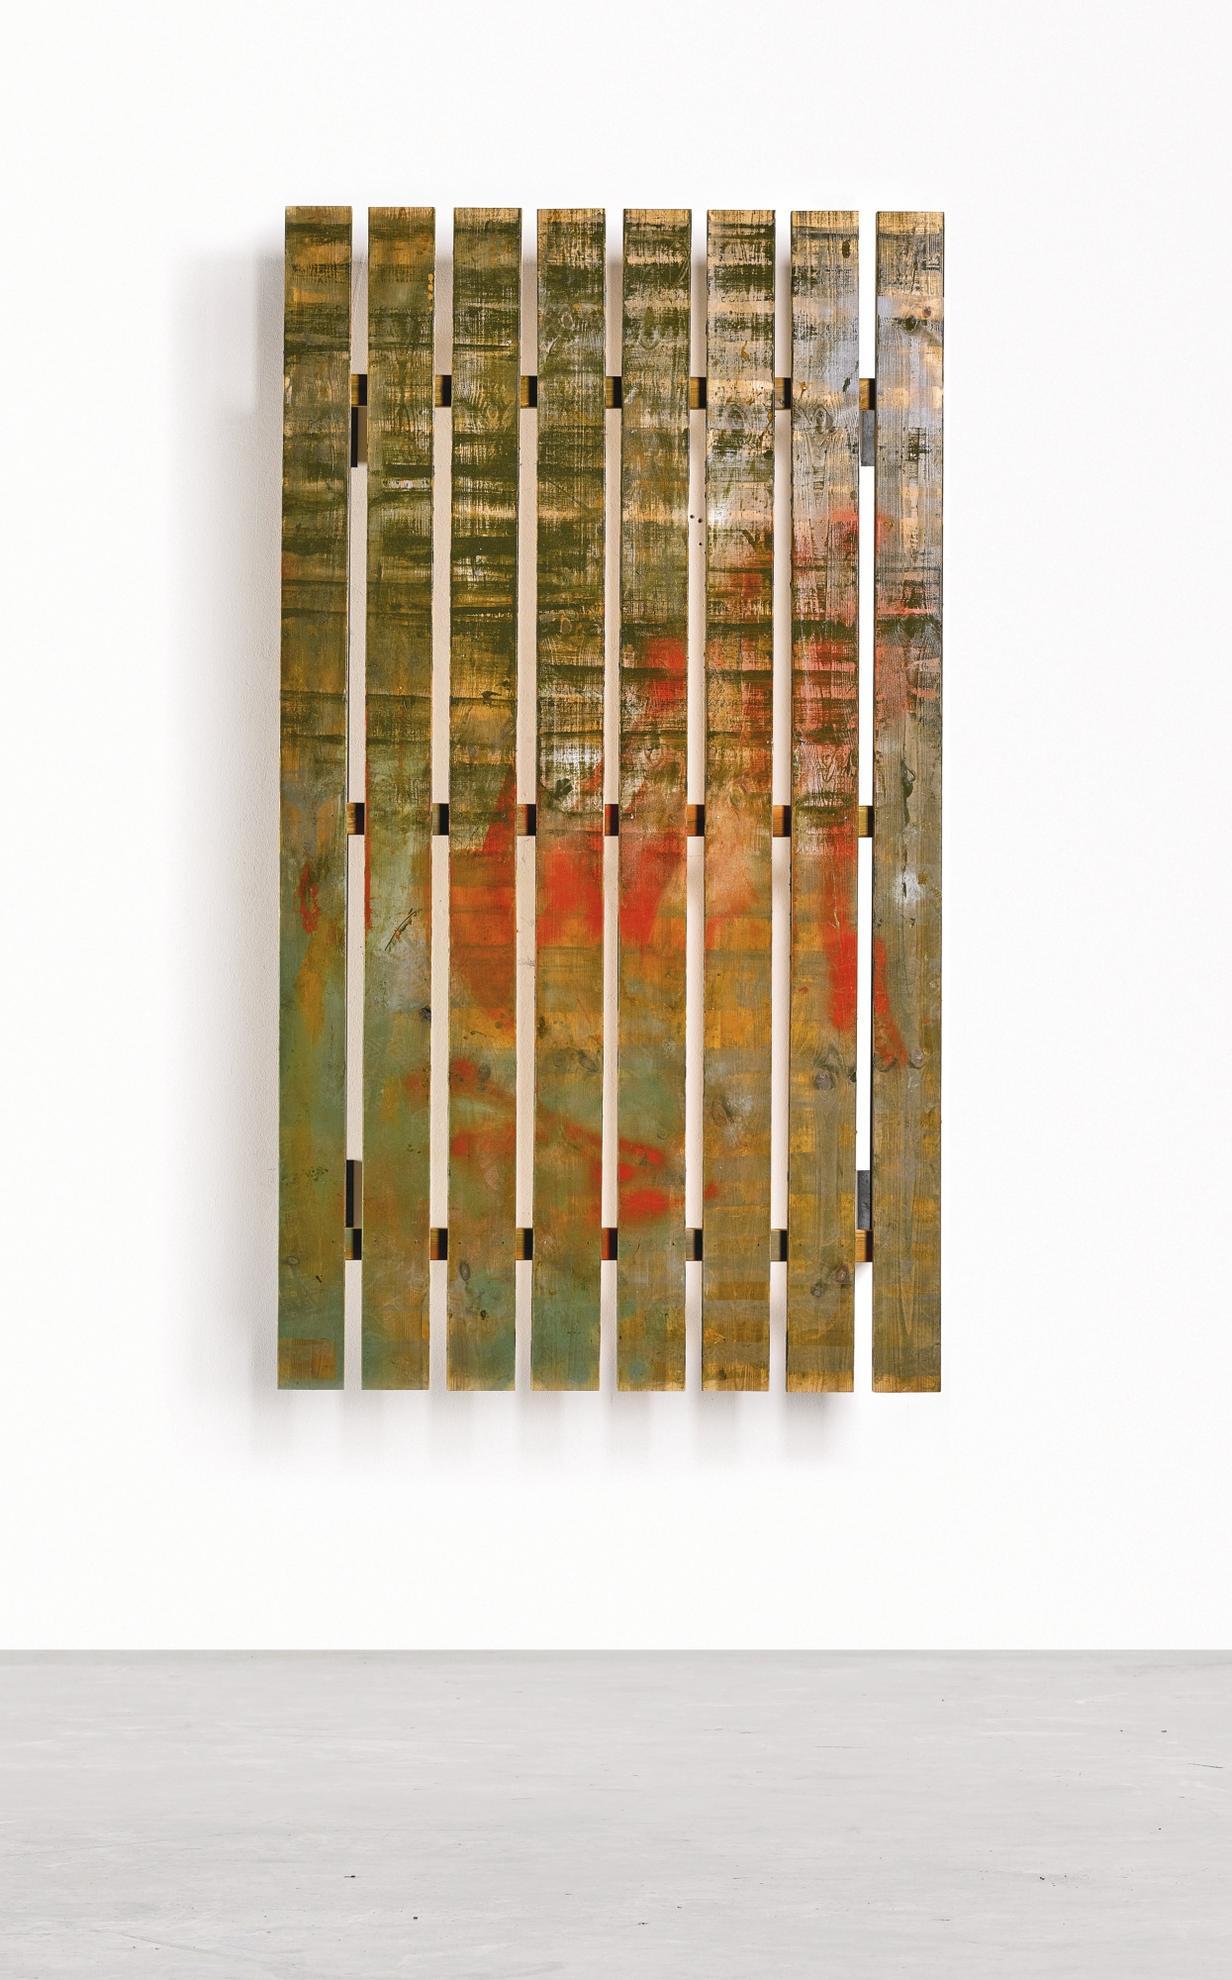 Fredrik Vaerslev-Untitled (Der Konig Des Waldes #06)-2012